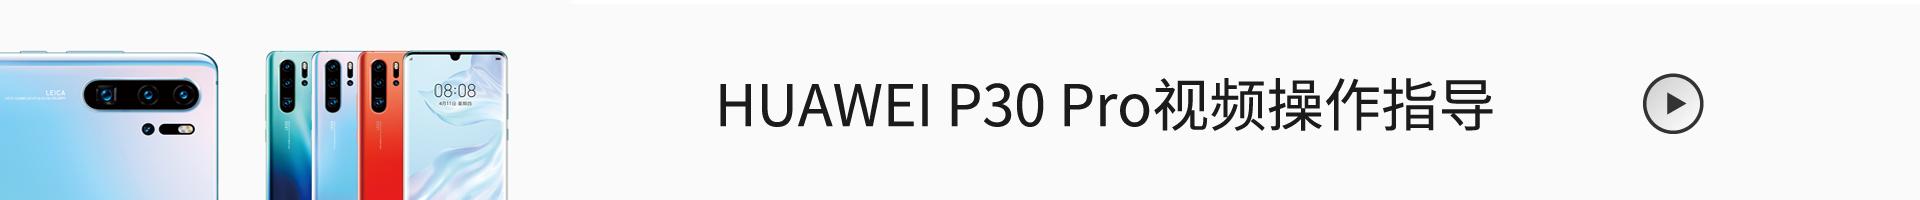 华为商城-华为P30 Pro-1920版本.jpg